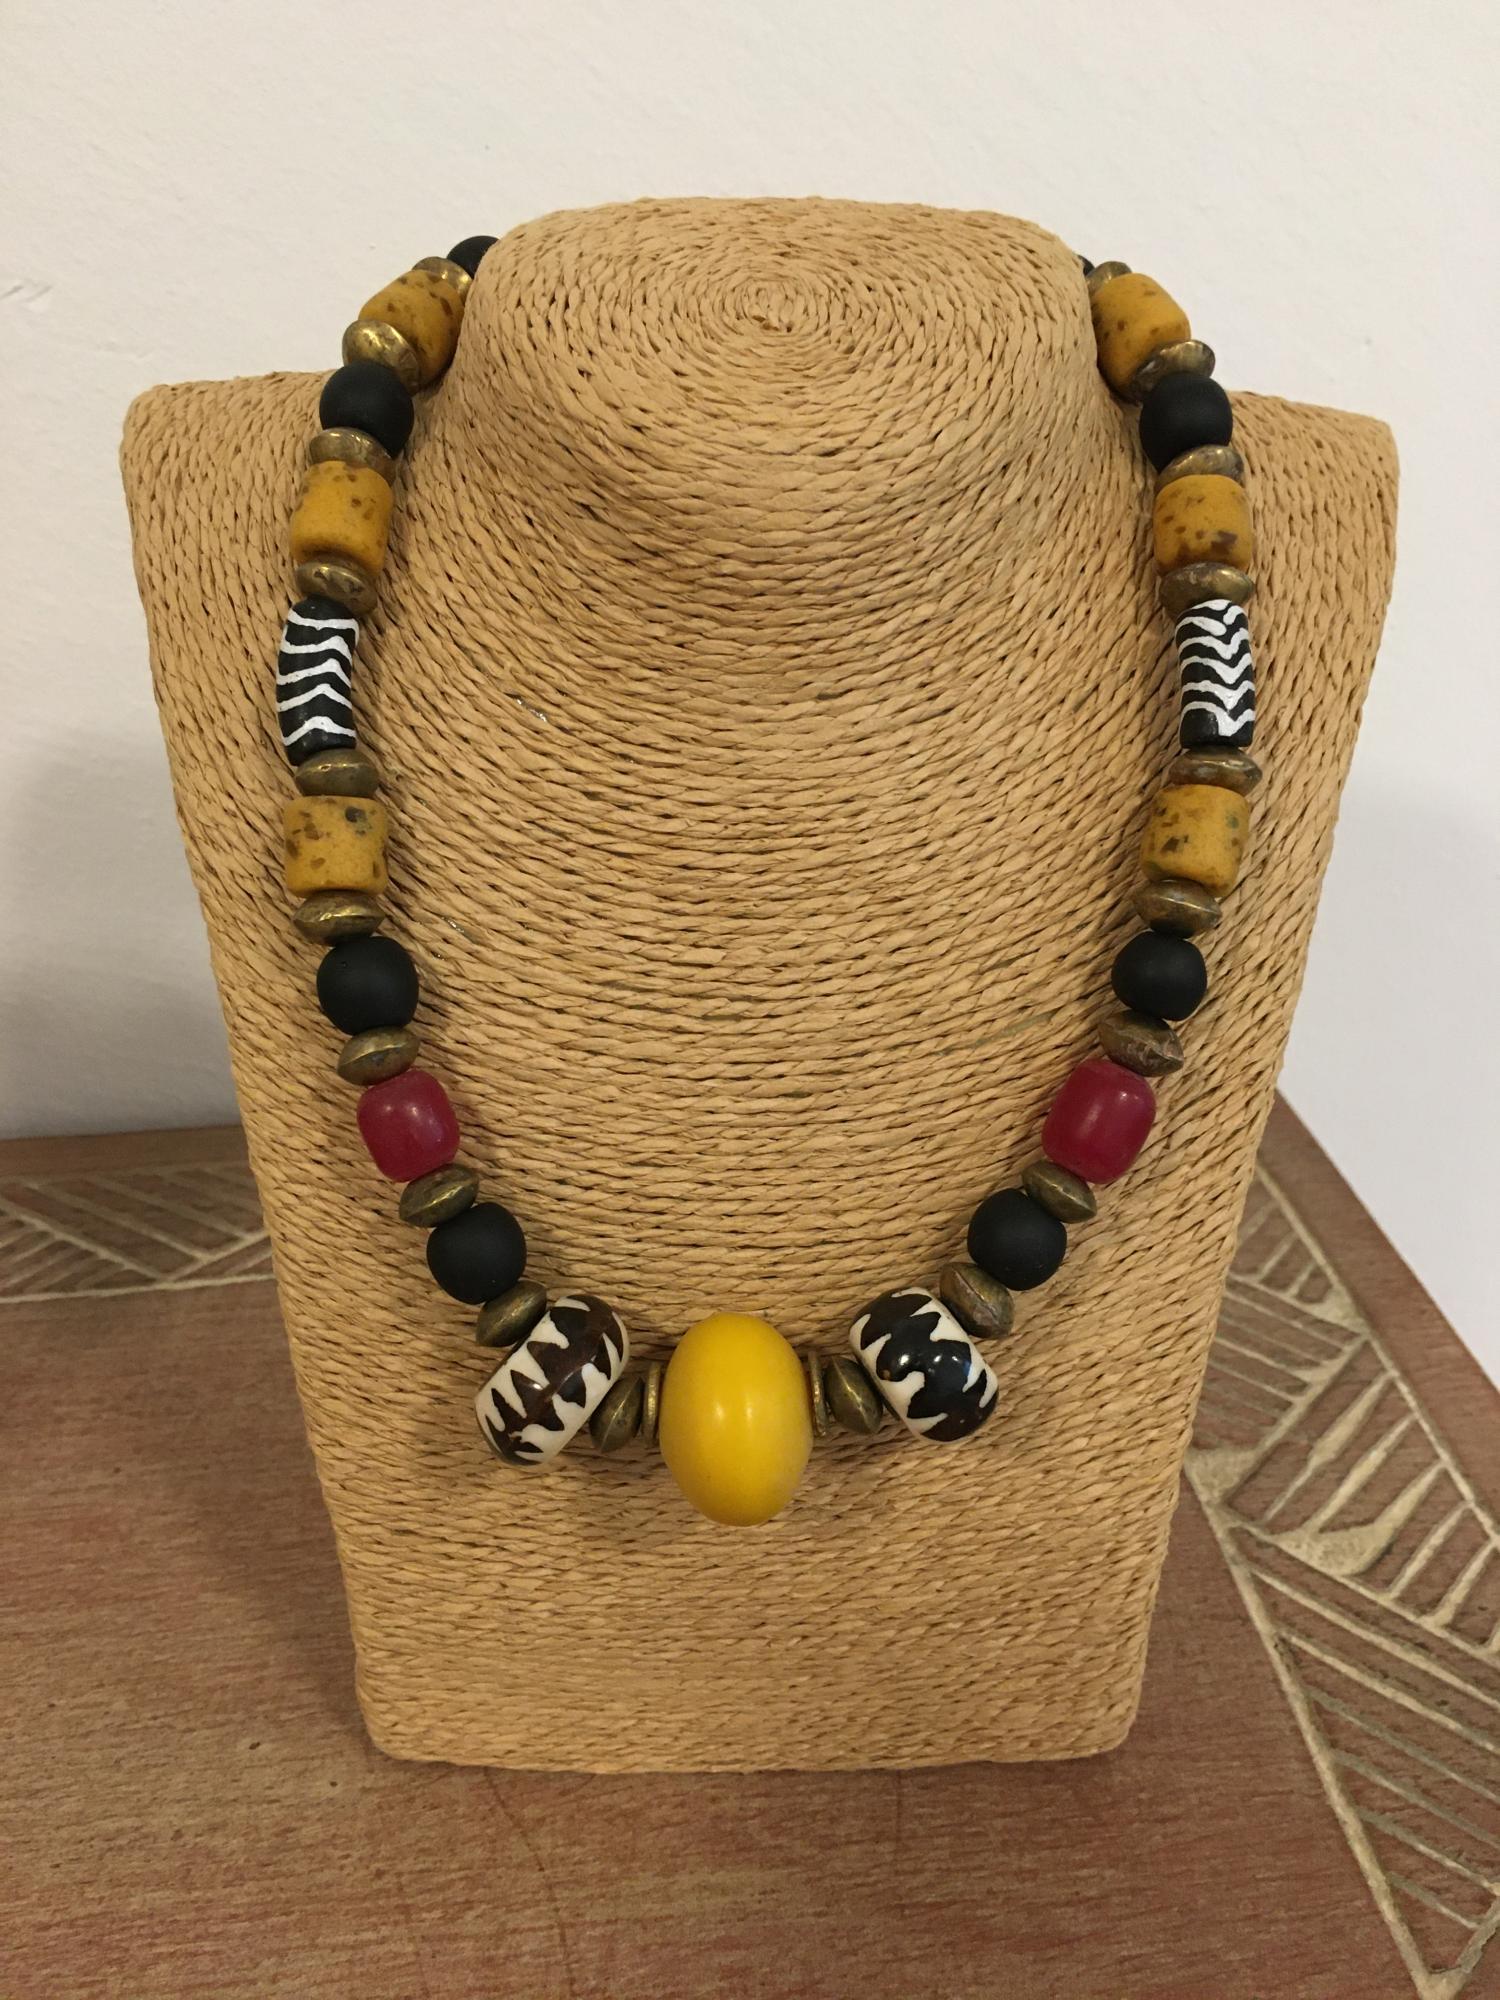 Tradebeads-Krobobeads-African Beads Design